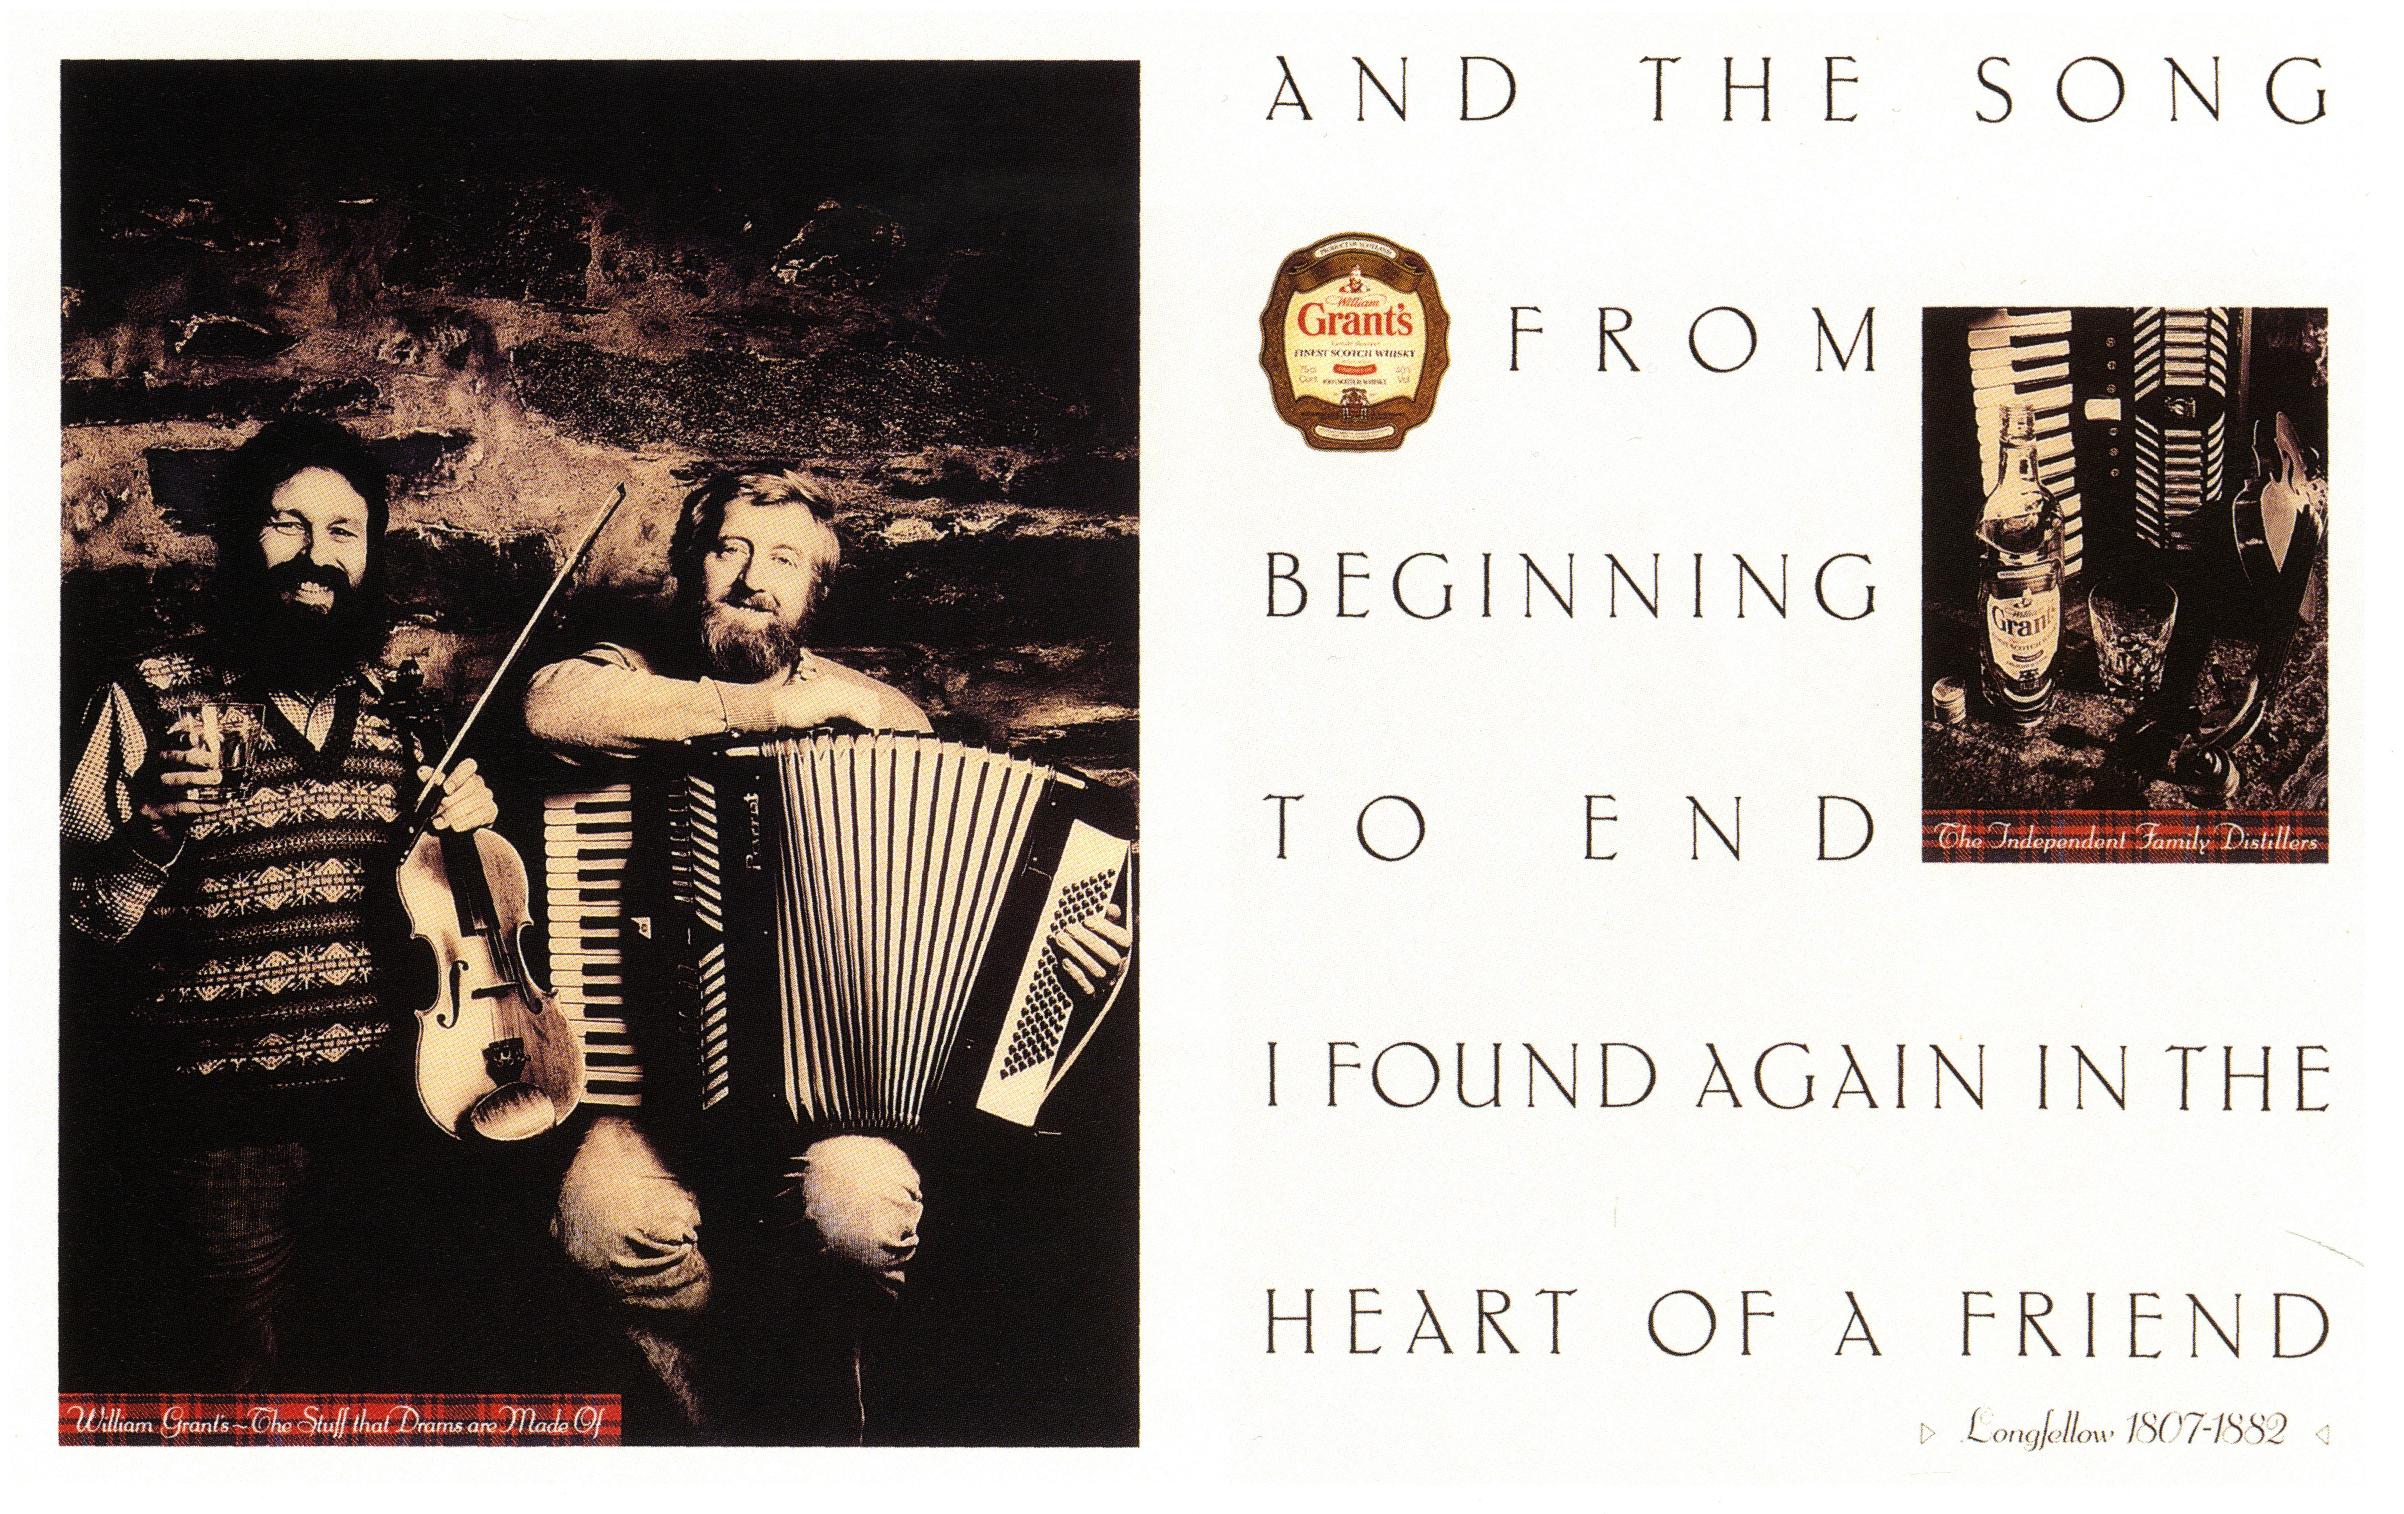 John Claridge, Grant's 'Song'*